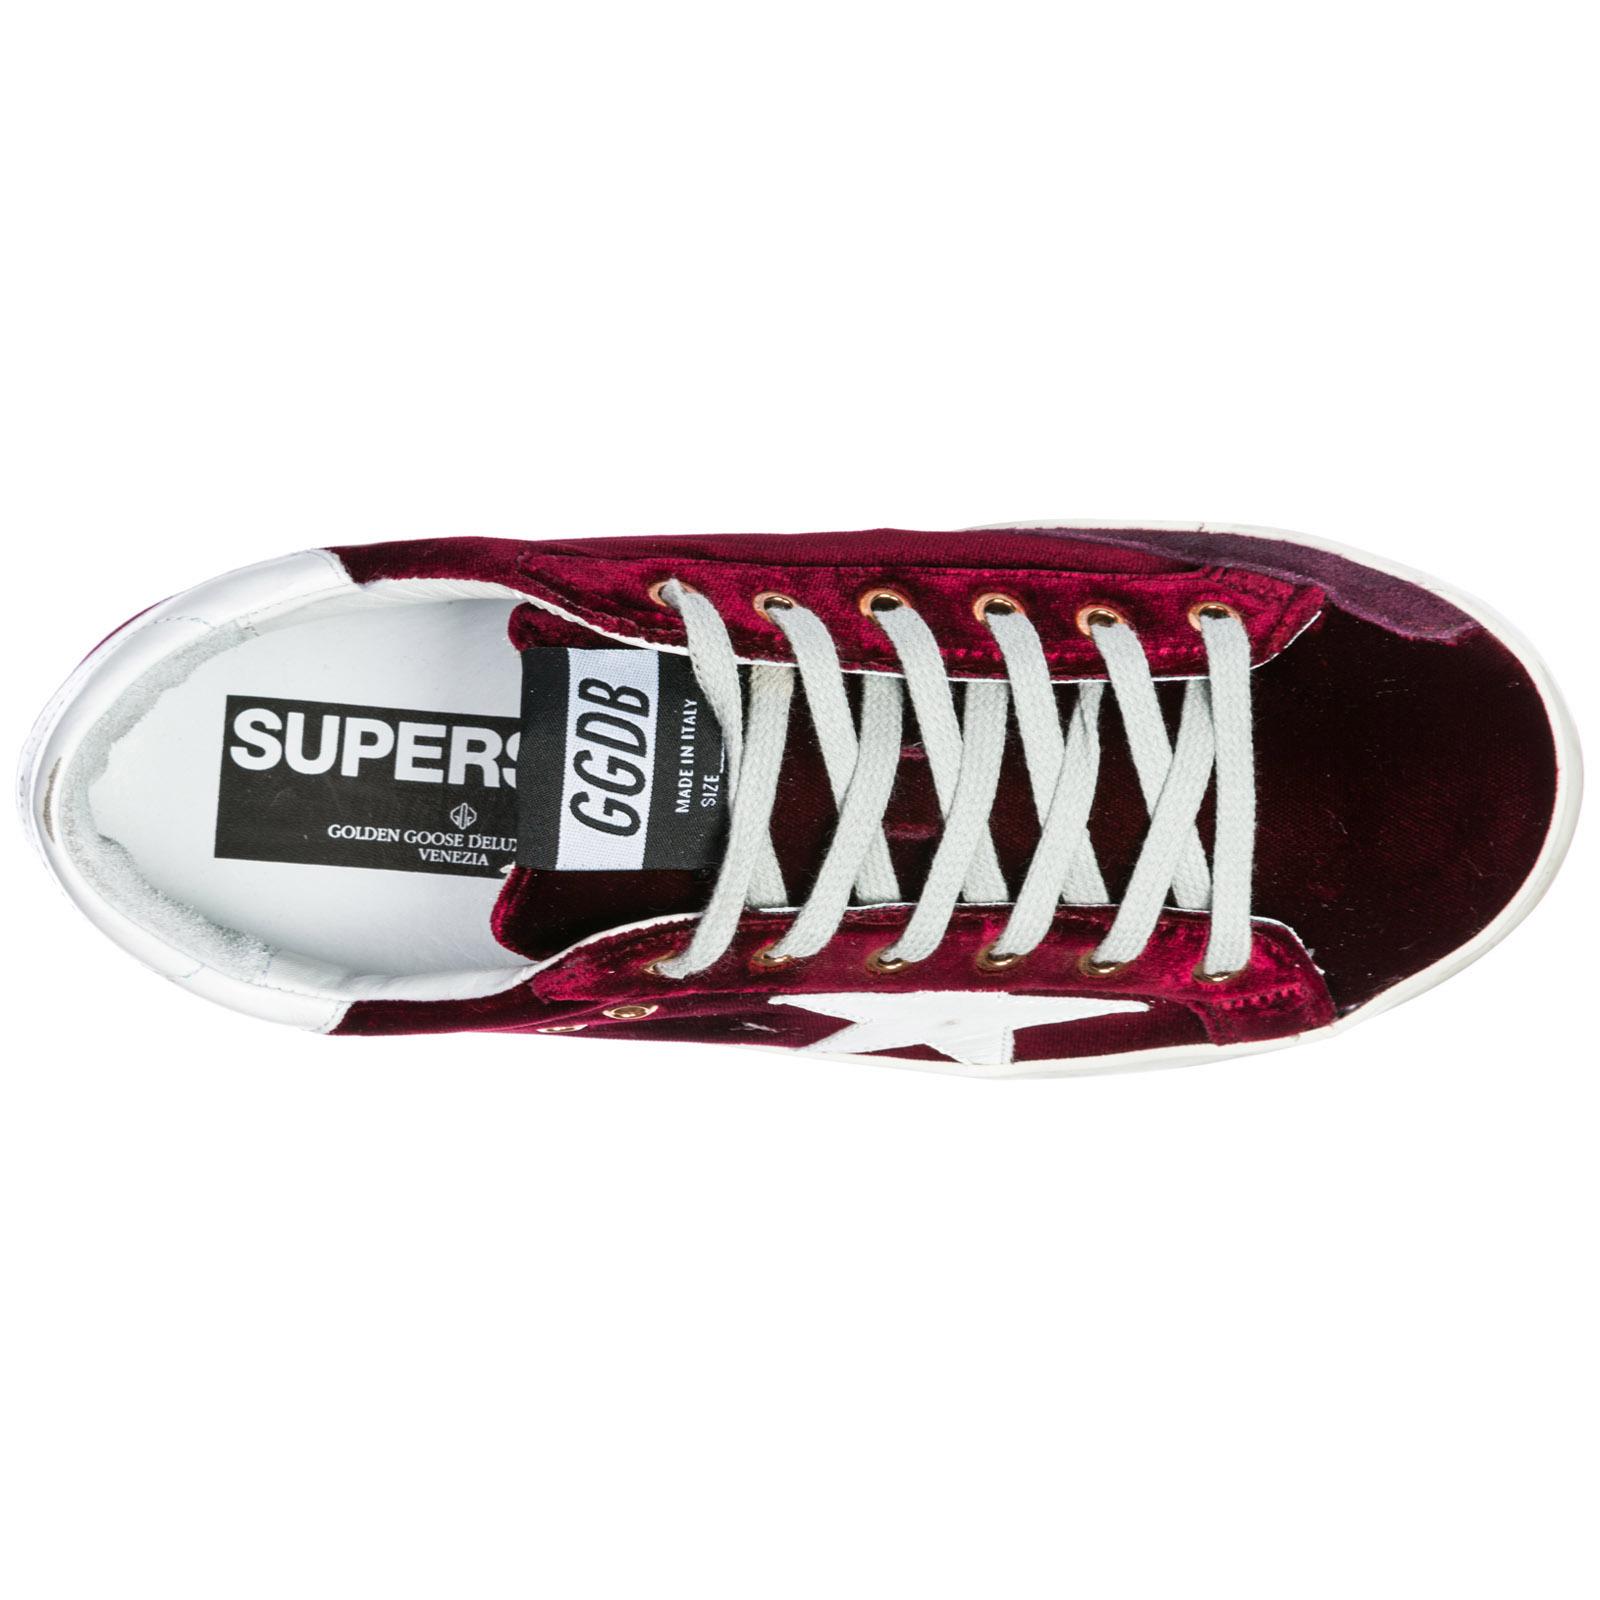 G33ws590 Velvet l86 Sneakers Goose Bordeaux Golden Superstar White qS6xUCtAwx